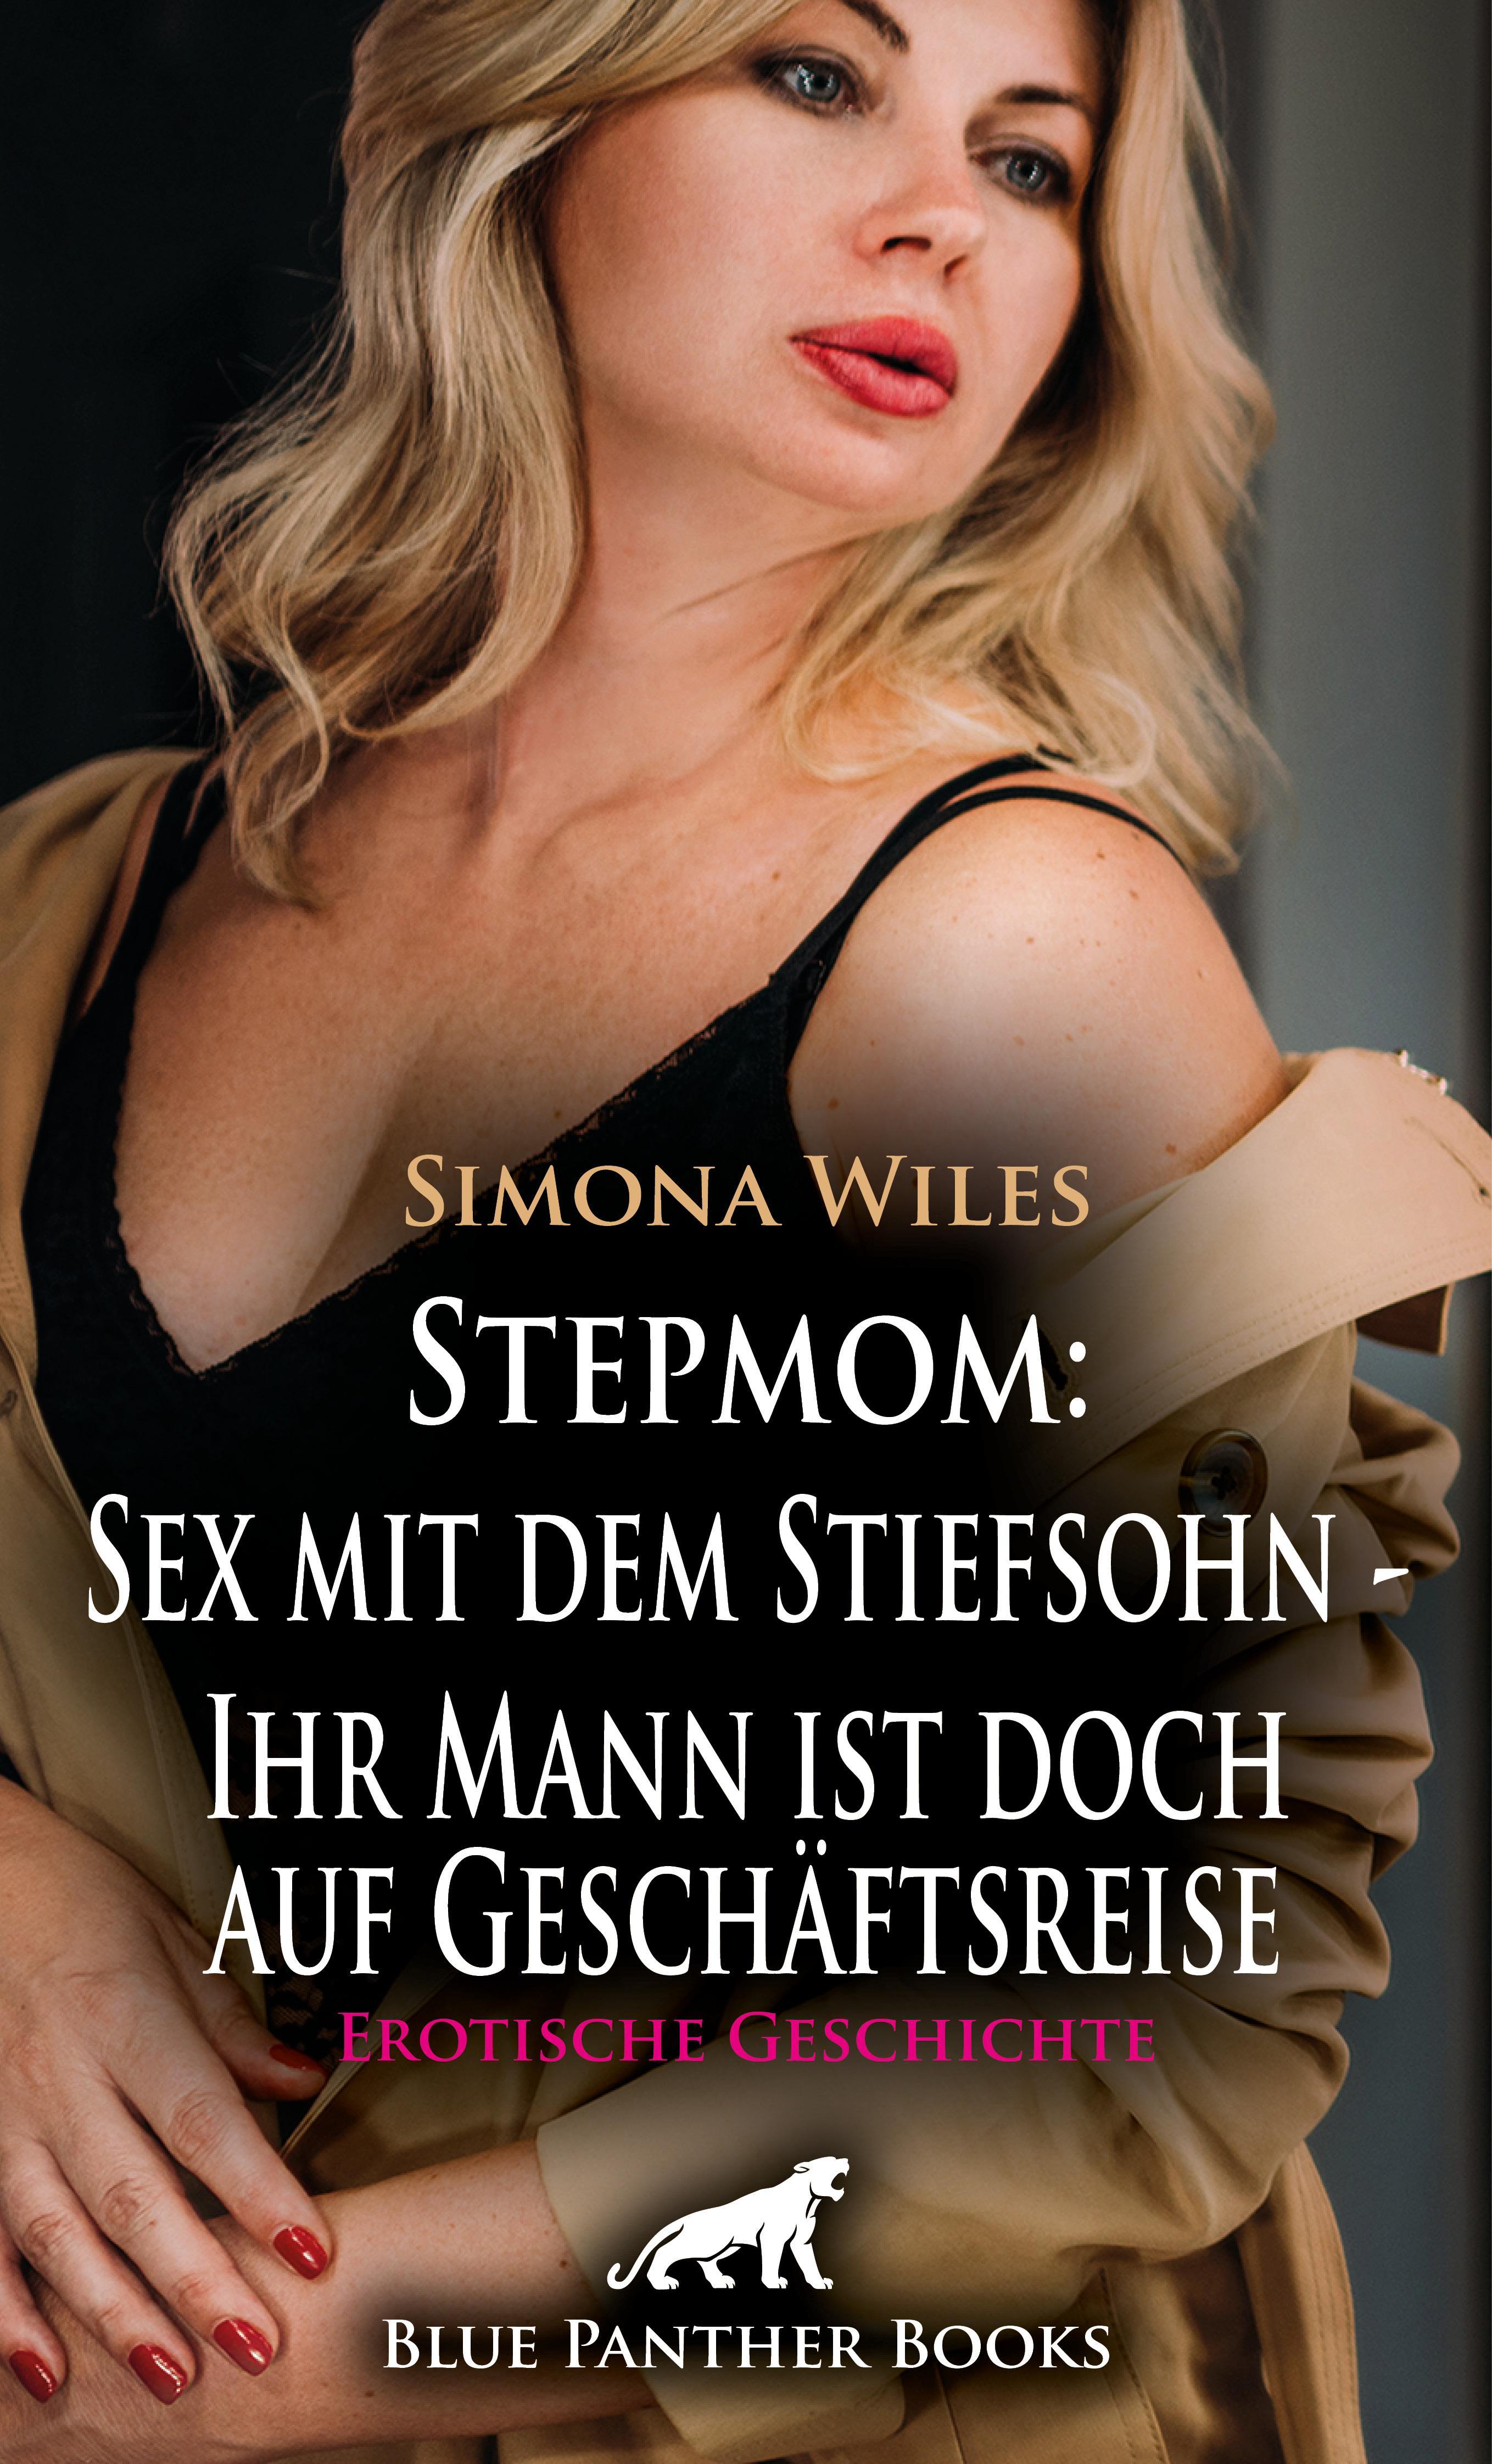 Stepmom: Sex mit dem Stiefsohn - Ihr Mann ist doch auf Geschäftsreise | Erotische Geschichte